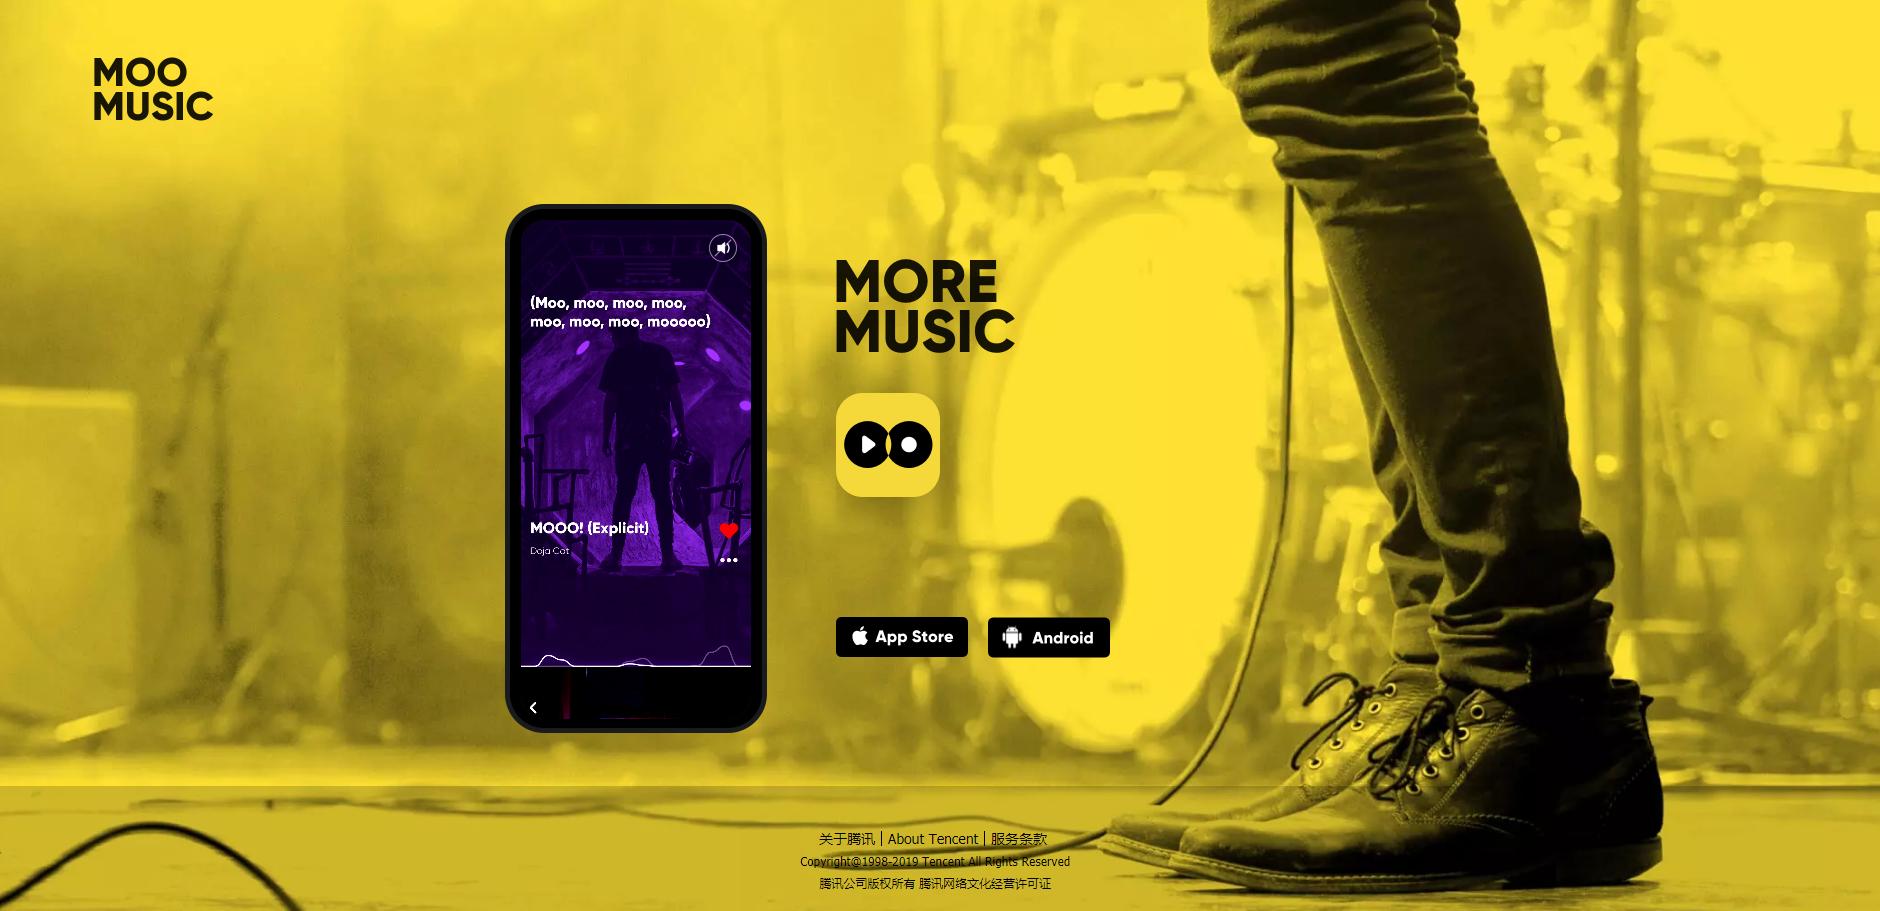 腾讯推出的MOO音乐_每天听歌30分钟送会员